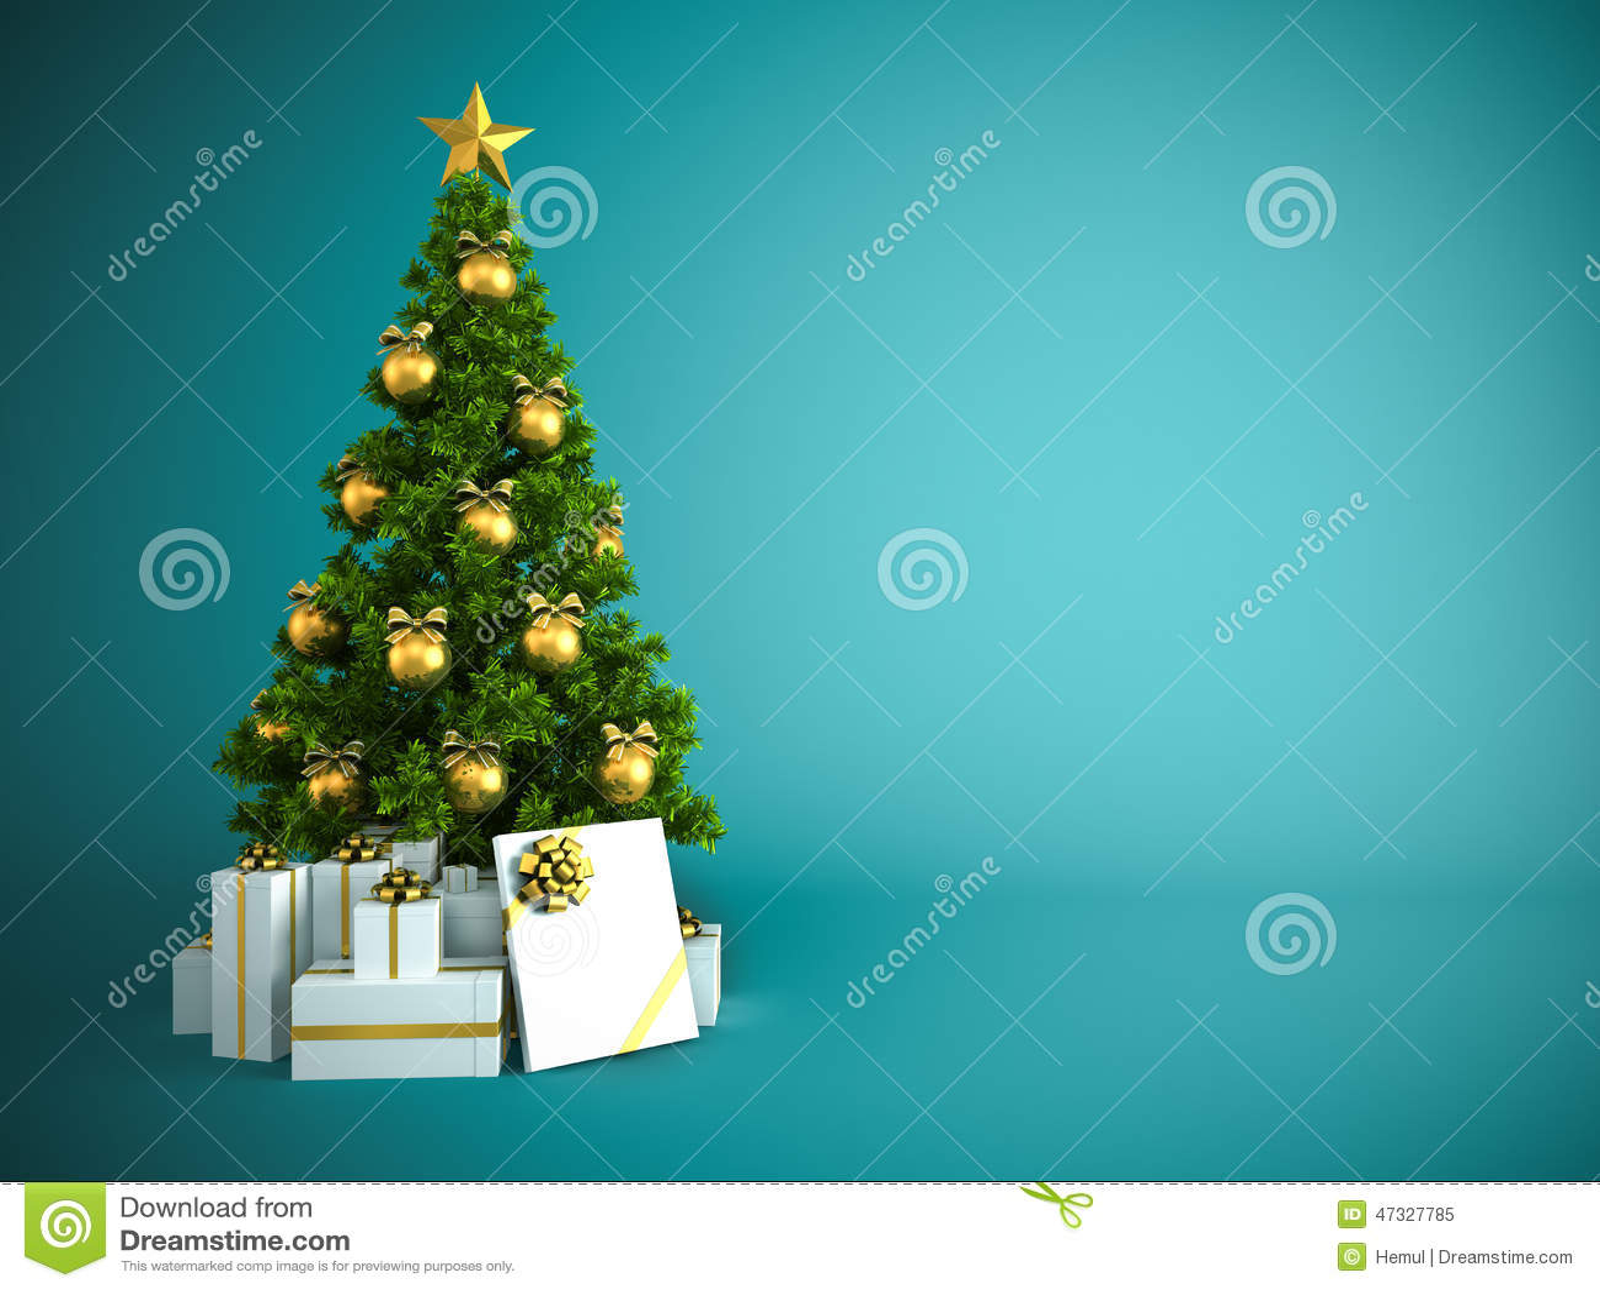 Decorazioni Albero Di Natale Blu : Albero di natale con la decorazione dell oro su fondo blu